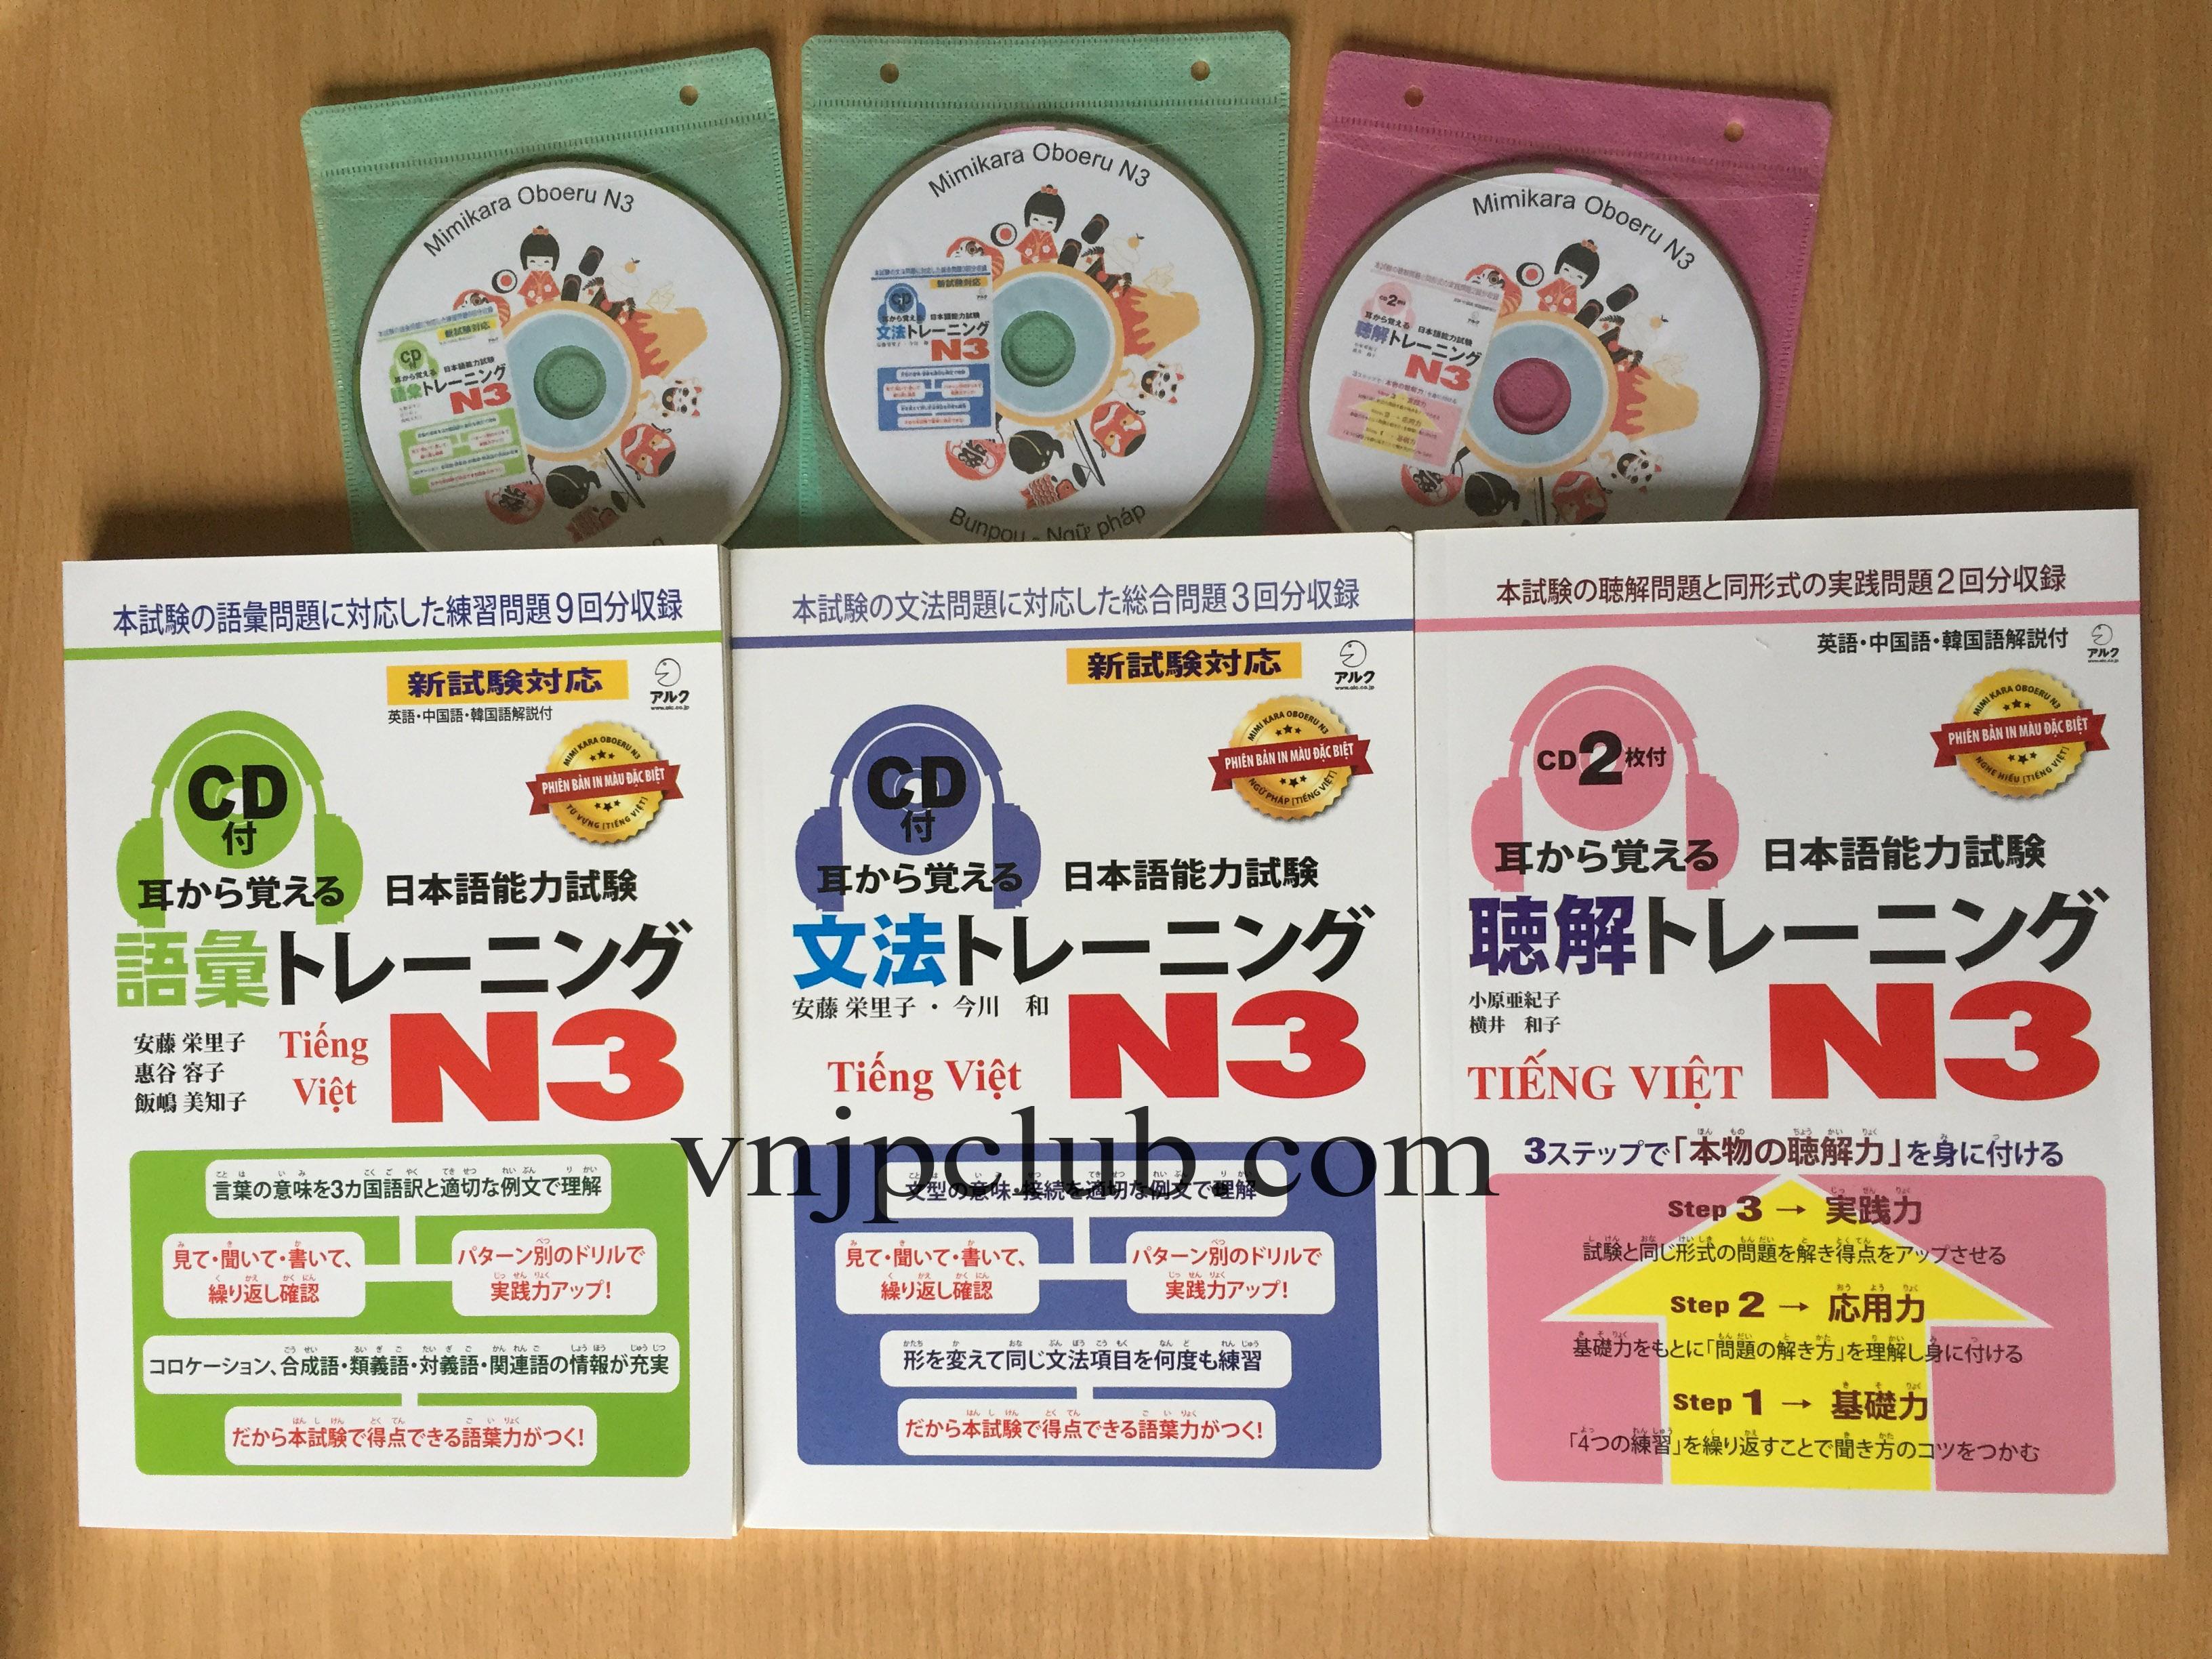 Bộ Mimikara Oboeru N3 – Bản Dịch Tiếng Việt – Kèm CD (3CD Cho 3 Quyển) - Bộ Mimikara N3 - Vnjpbook Đang Ưu Đãi